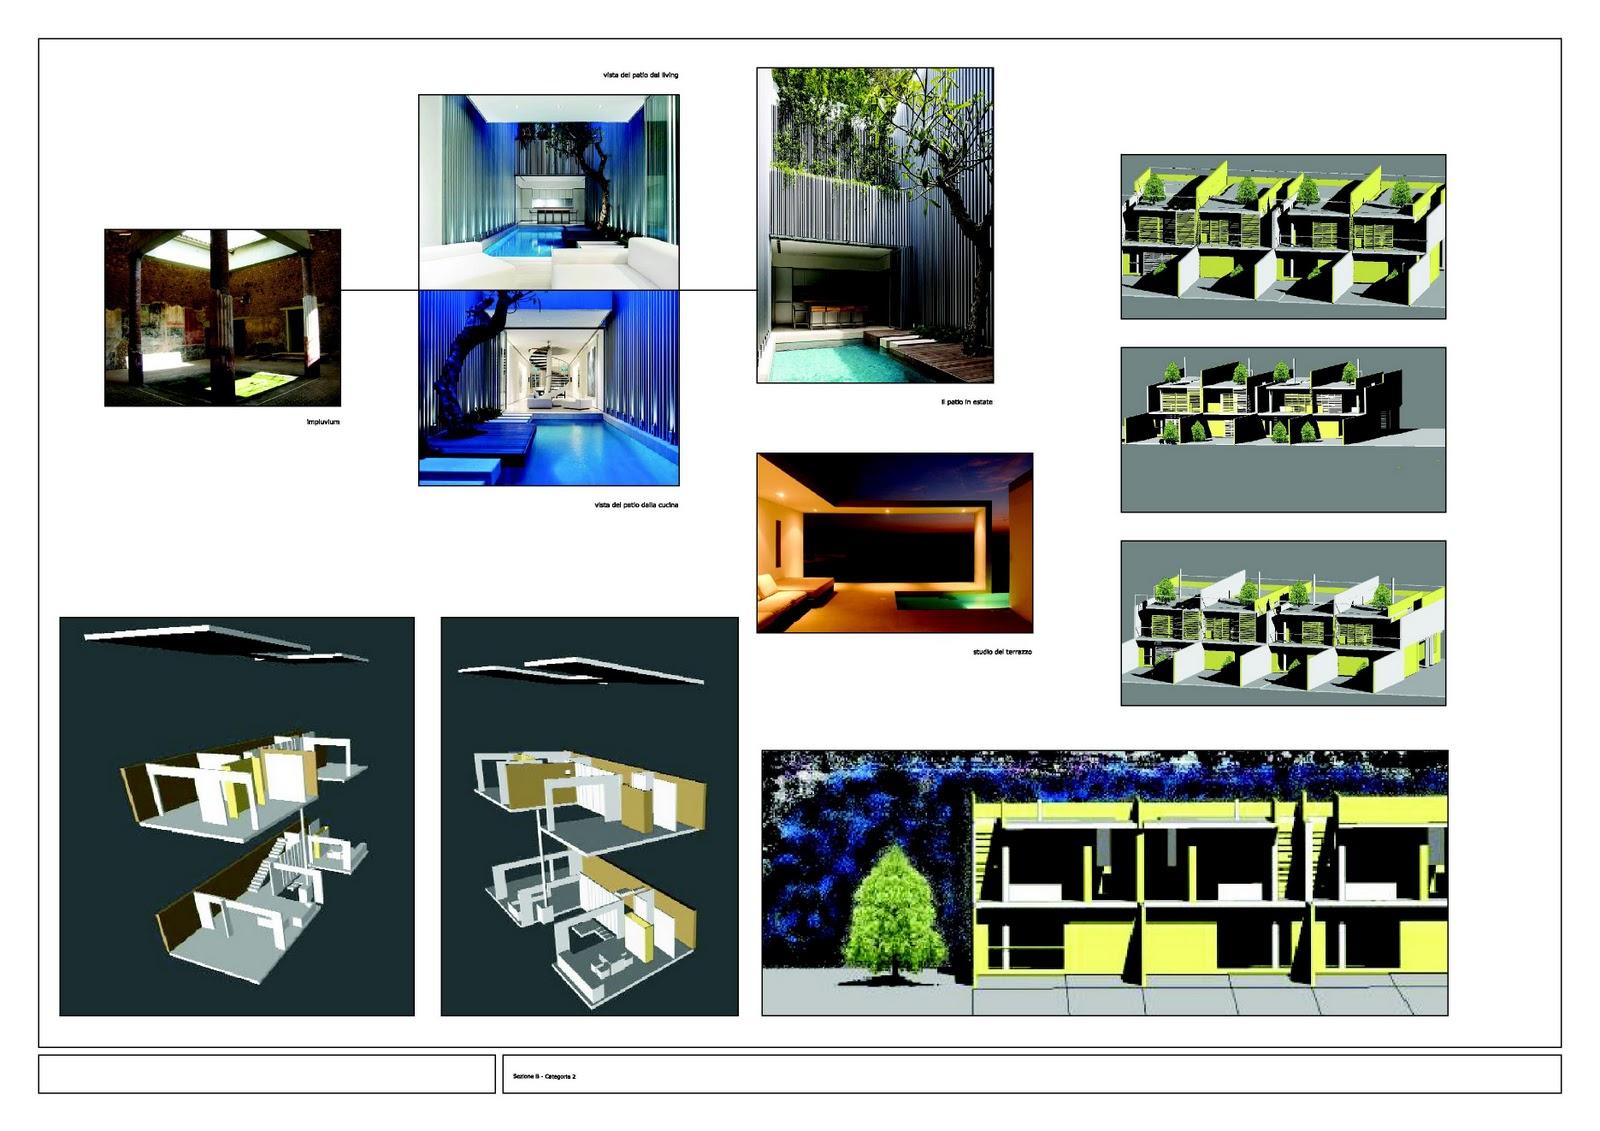 Architettura e progetti di qualit progettazione for Progettazione di architettura online